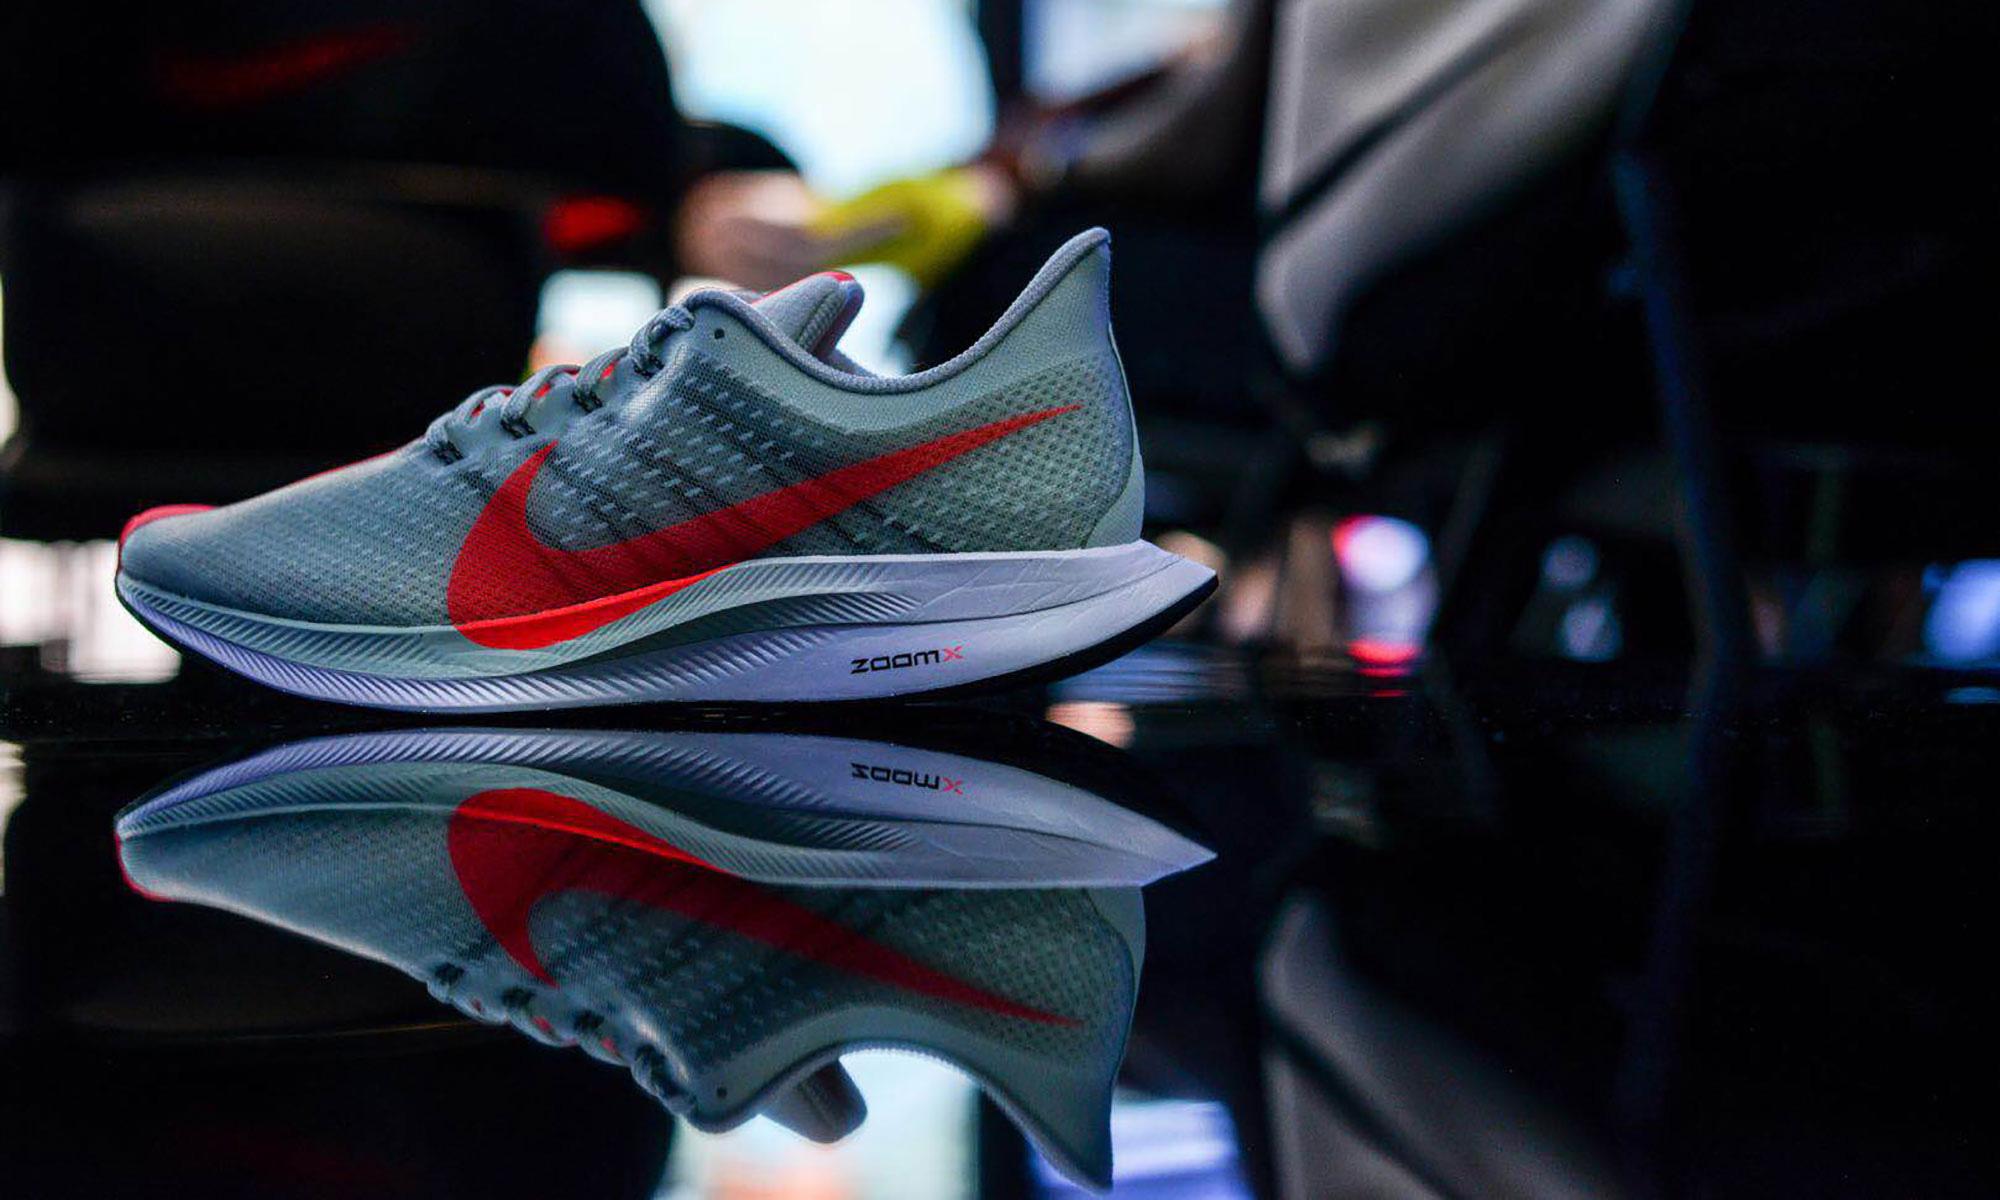 """在东京,我们见证了一双 """"涡轮加速"""" 的跑鞋诞生"""